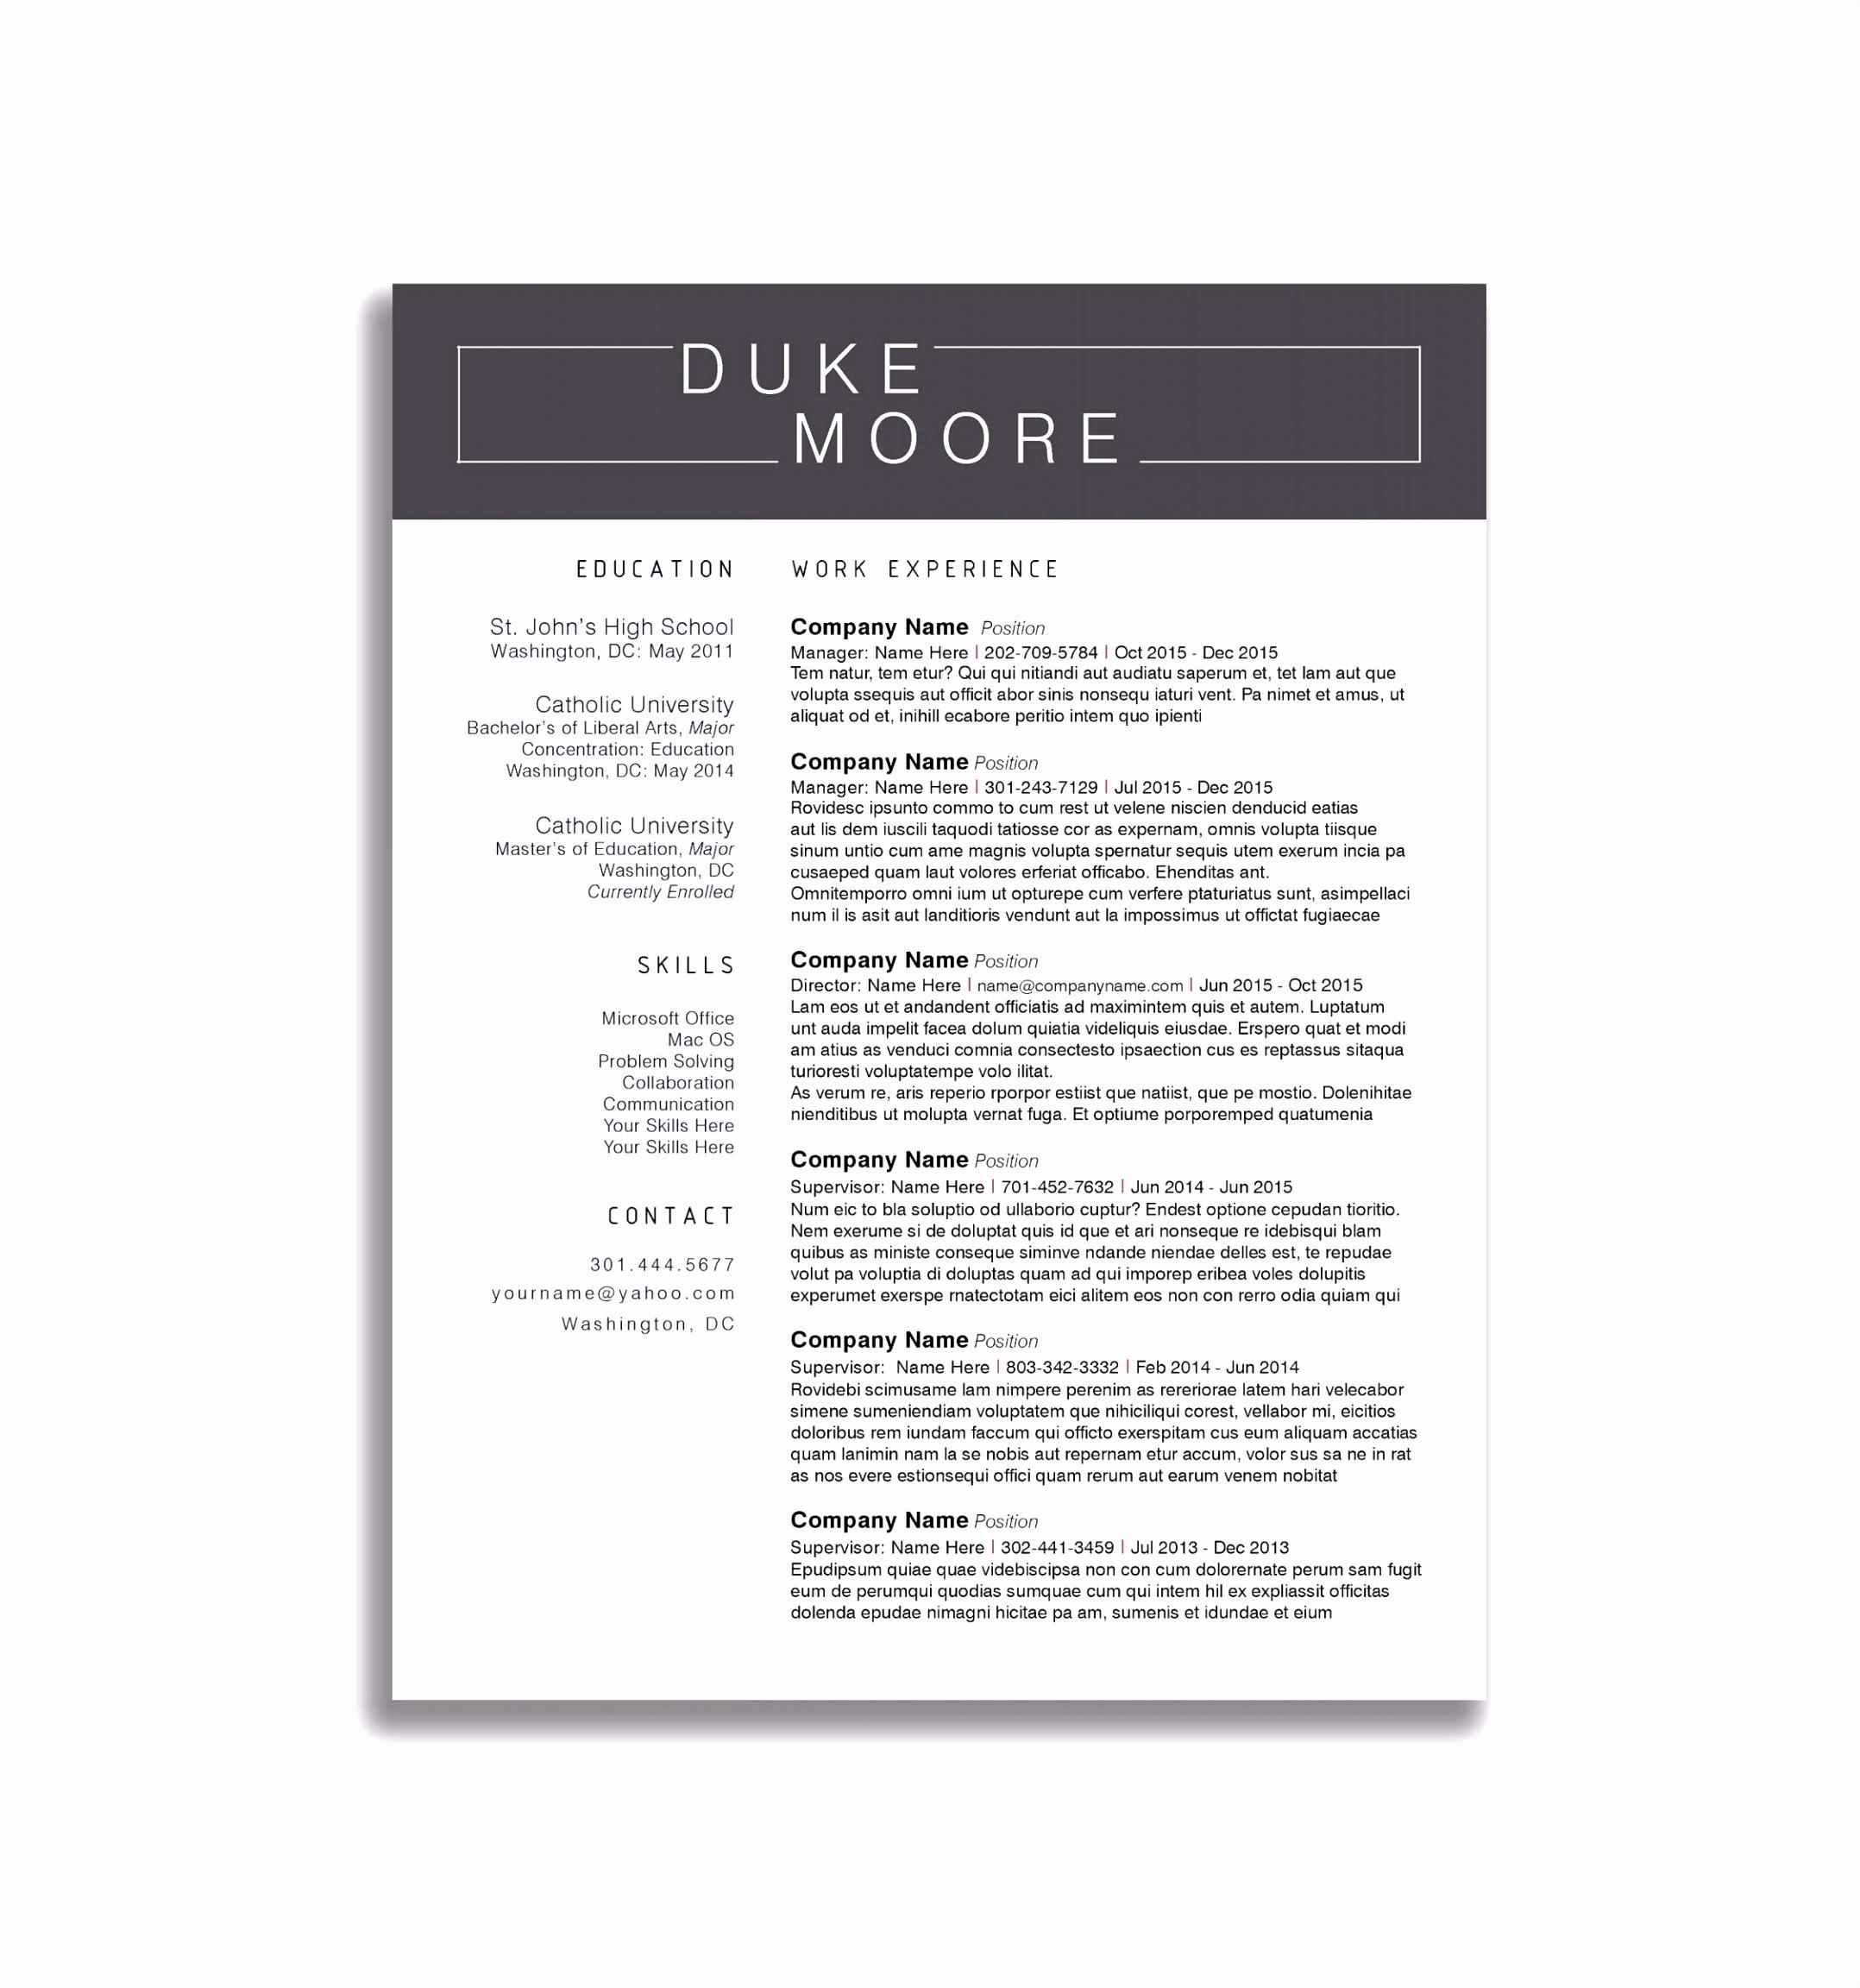 Lebenslauf Anschreiben Muster 7 Layout Anschreiben resume template